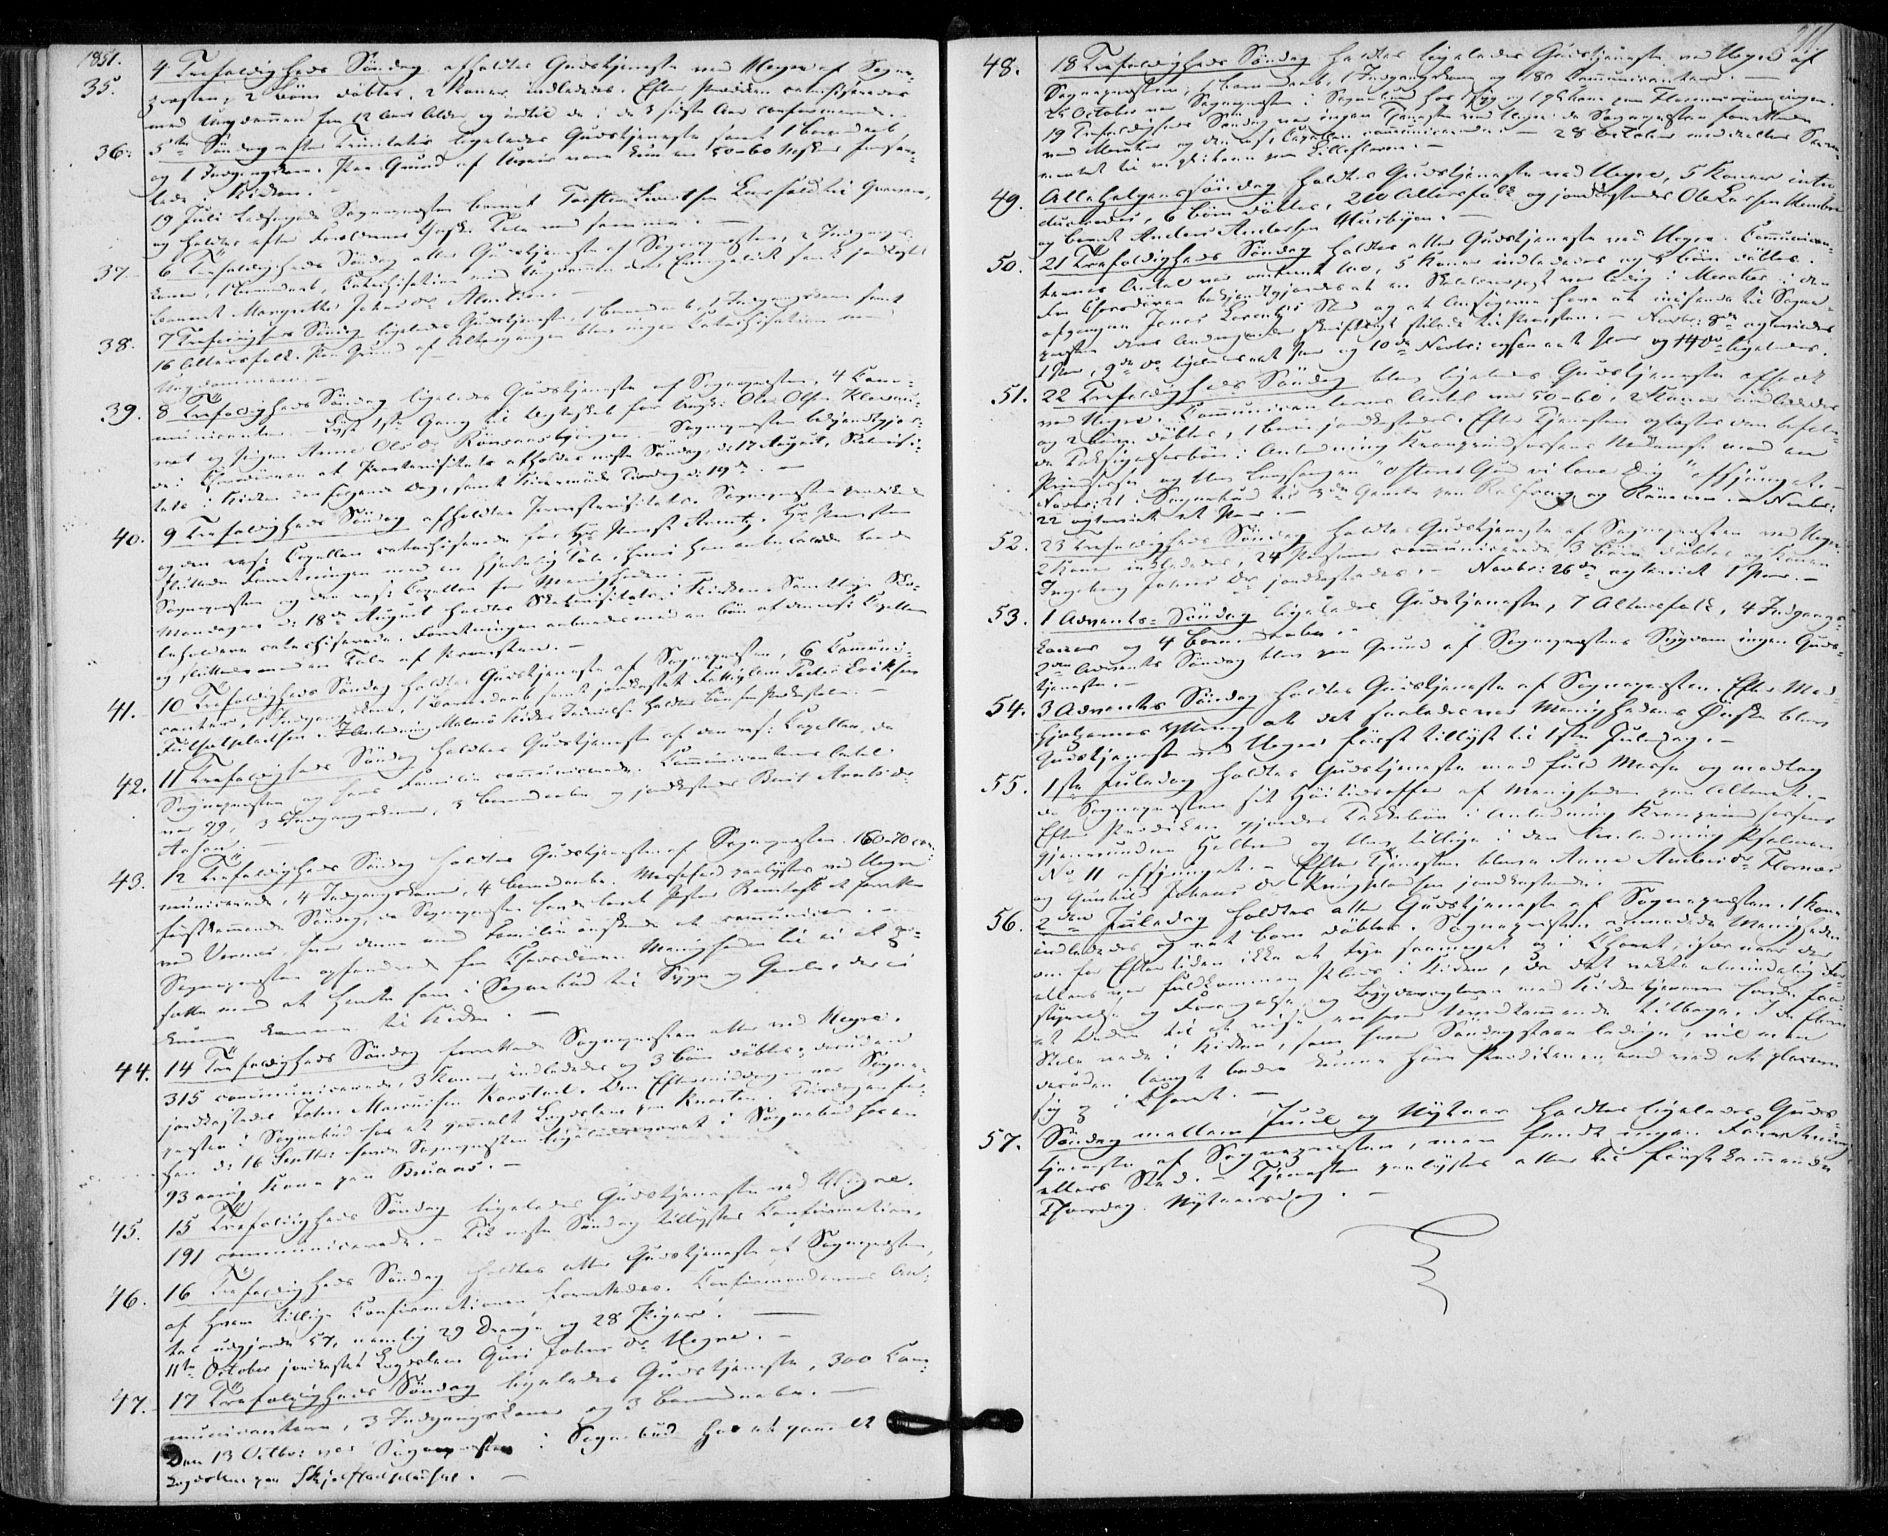 SAT, Ministerialprotokoller, klokkerbøker og fødselsregistre - Nord-Trøndelag, 703/L0028: Parish register (official) no. 703A01, 1850-1862, p. 211